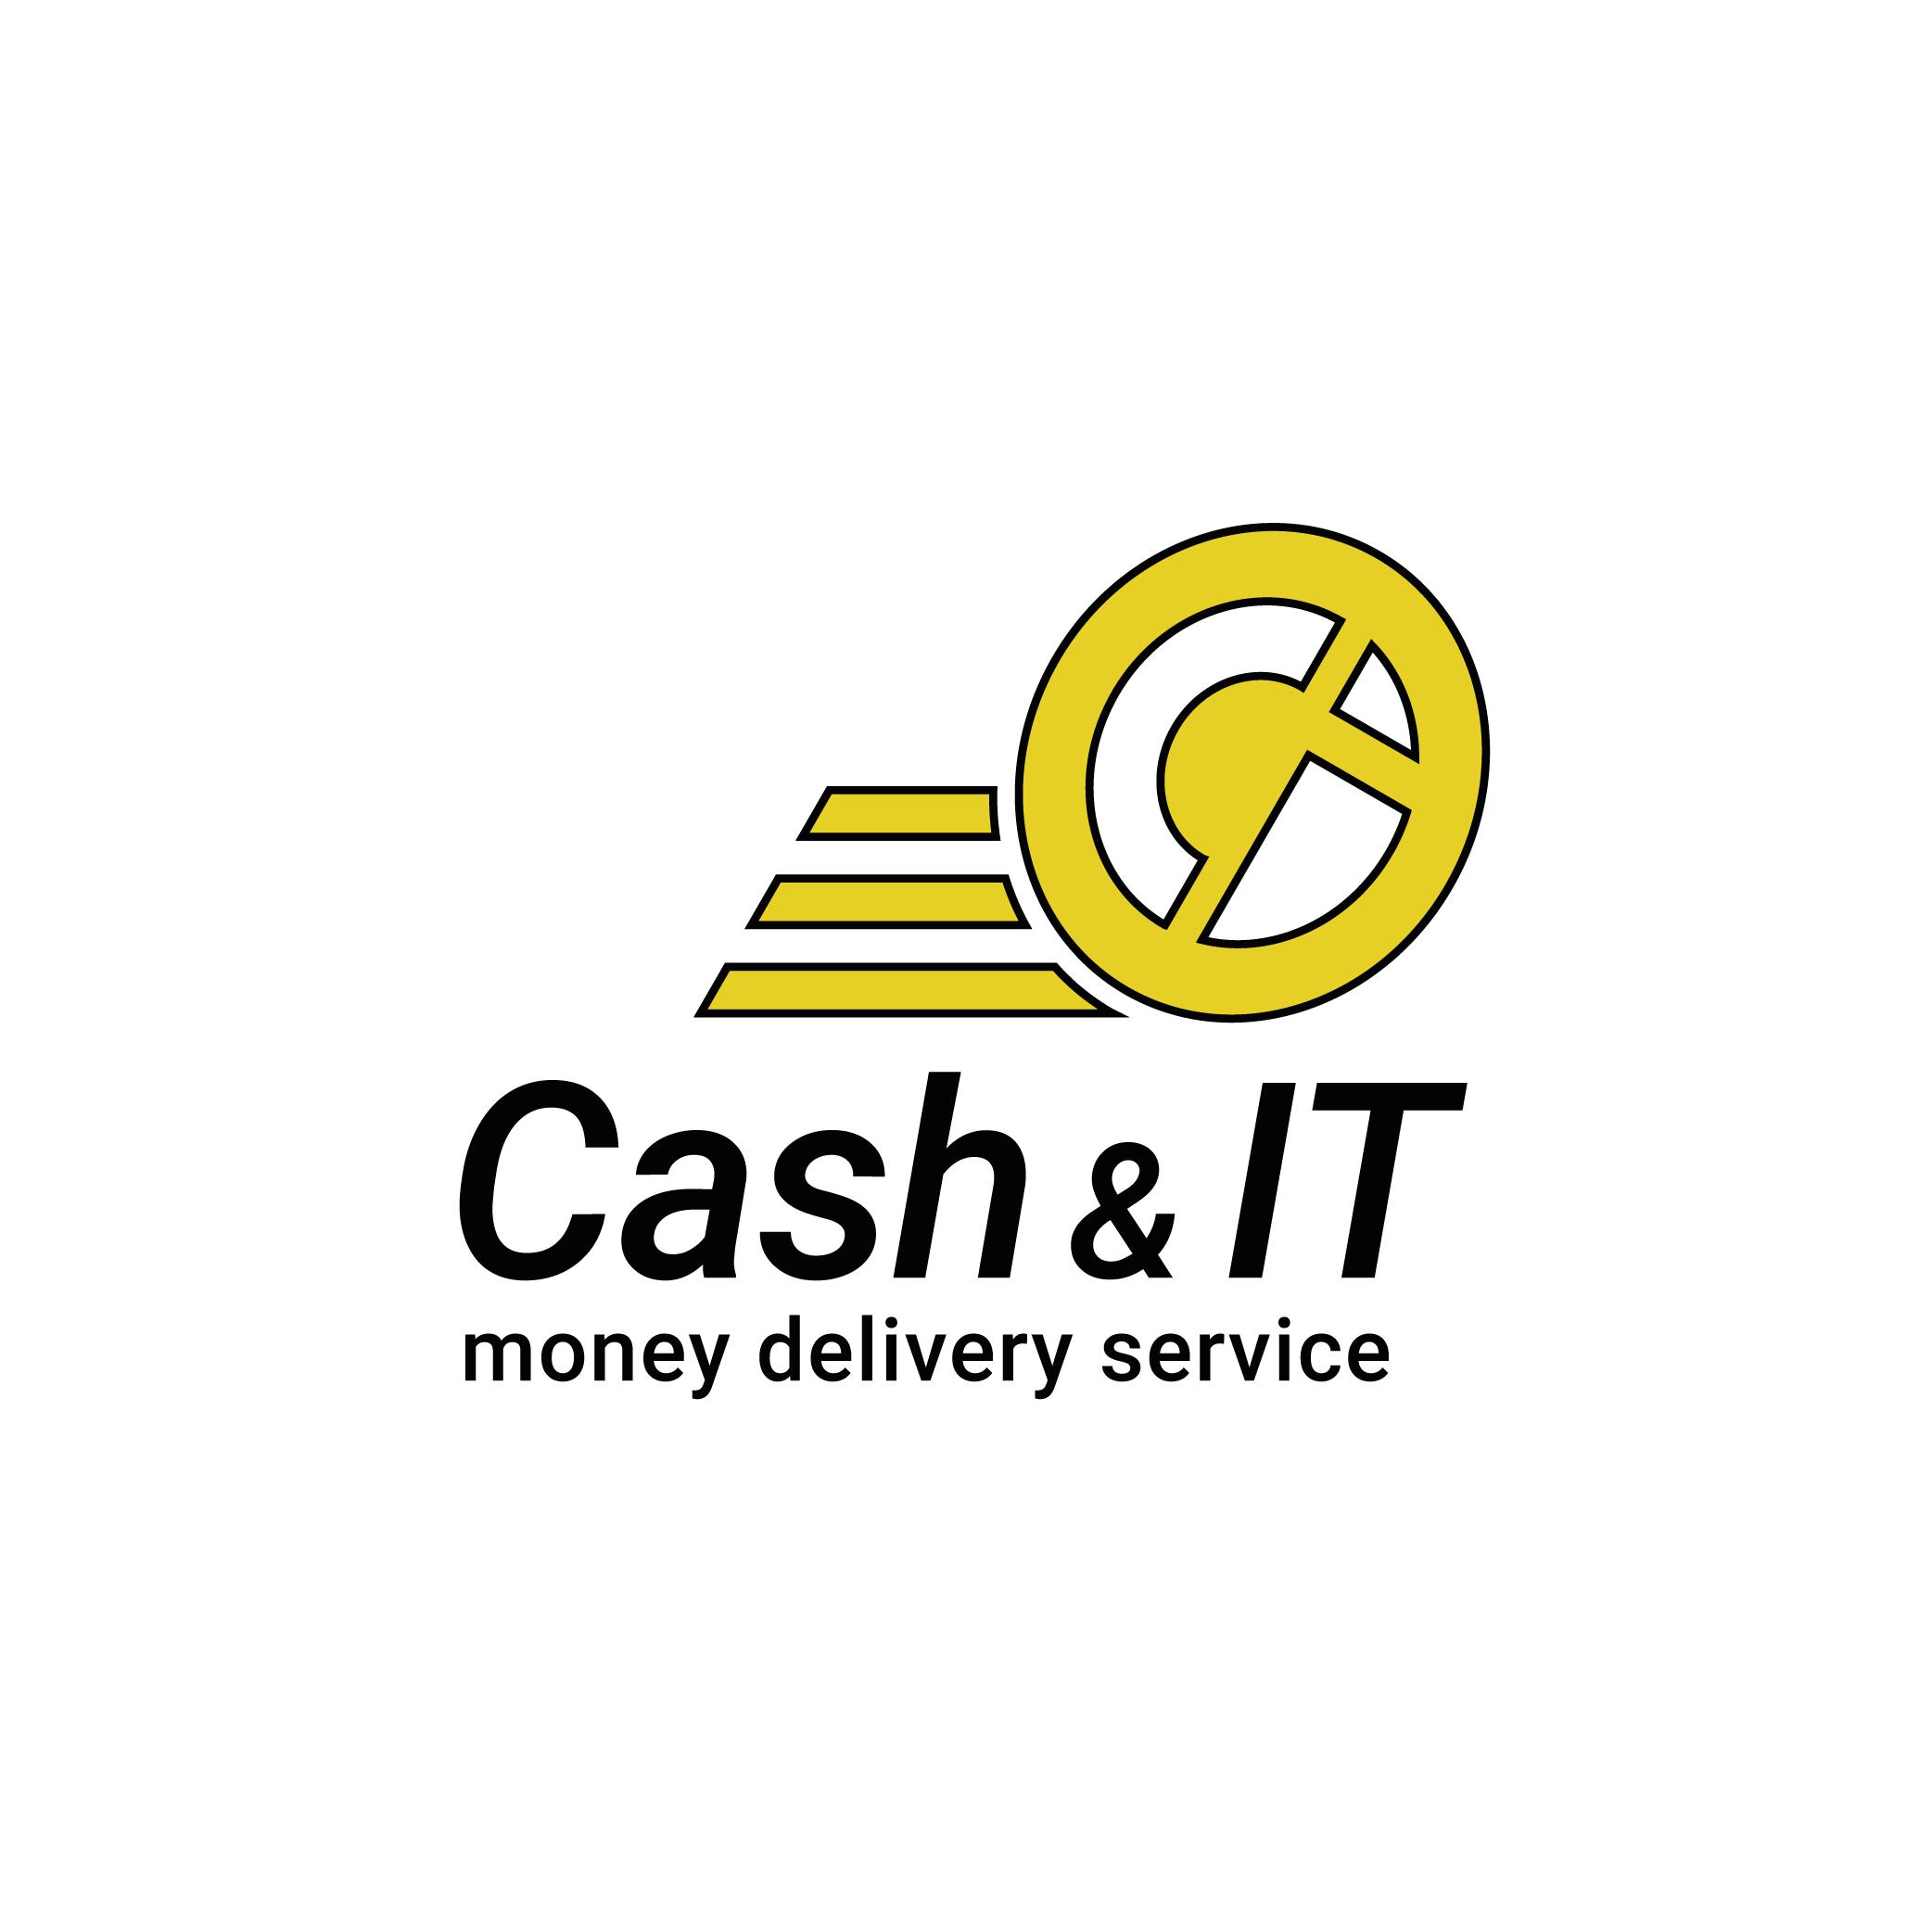 Логотип для Cash & IT - сервис доставки денег фото f_8895fdf3871df17e.jpg